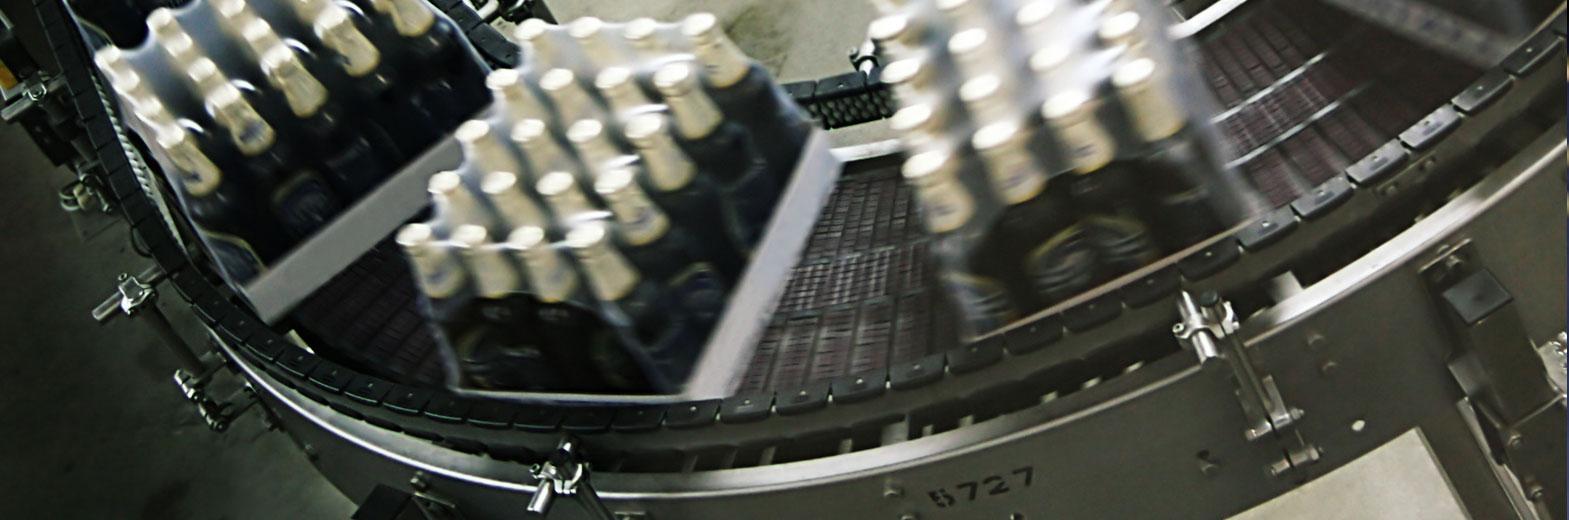 PROGRAMMARE MACCHINE UTENSILI A CNC